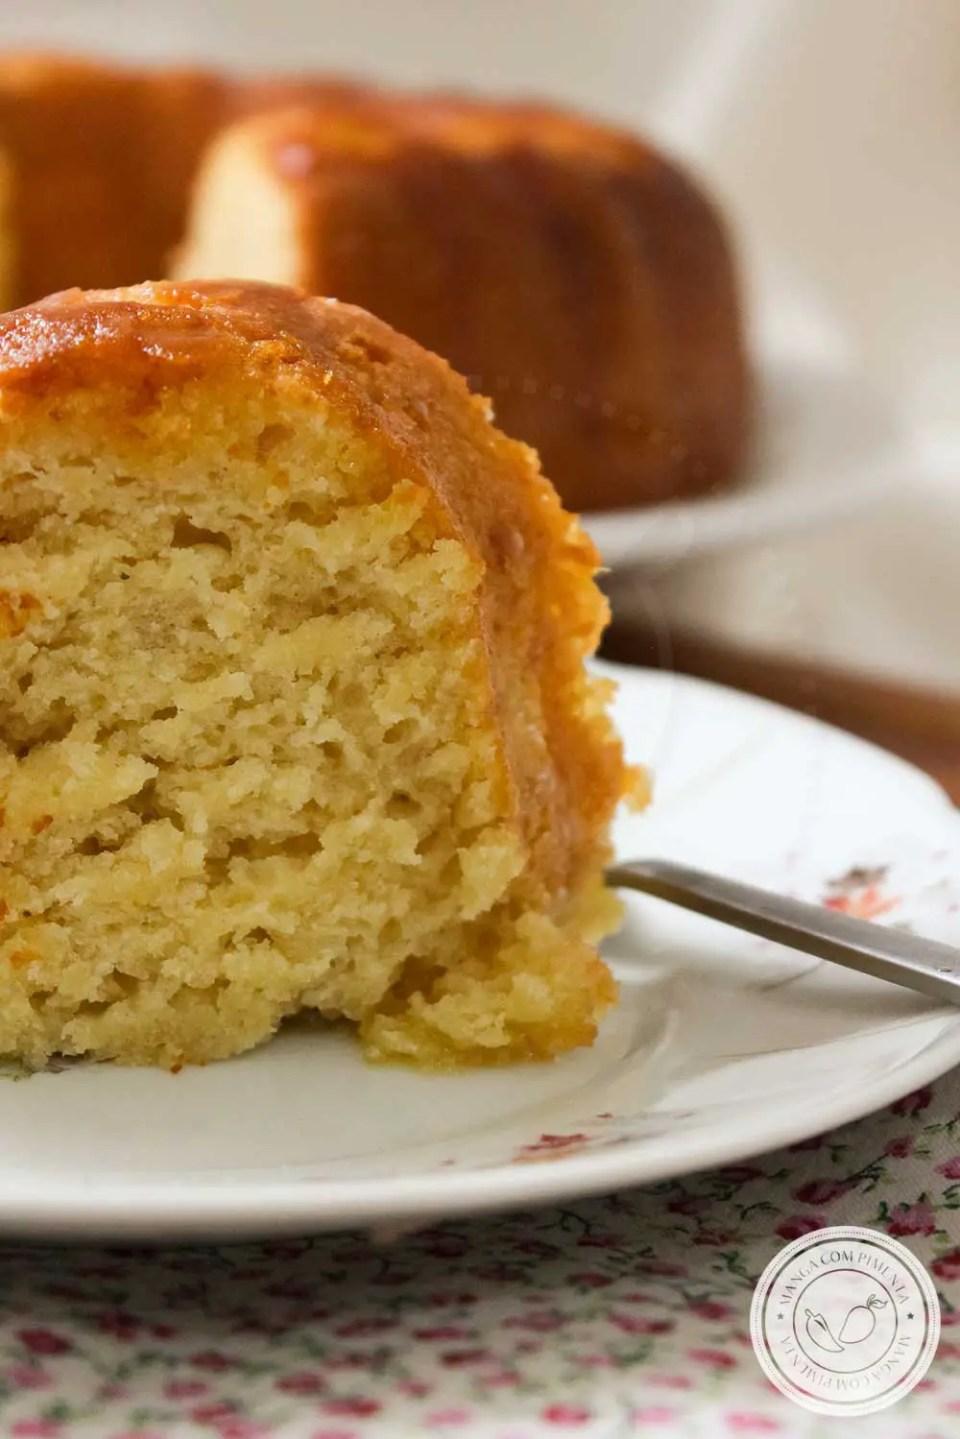 Receita de Bolo de Laranja sem Ovos - um doce caseiro para o café da manhã ou lanche da tarde da família!